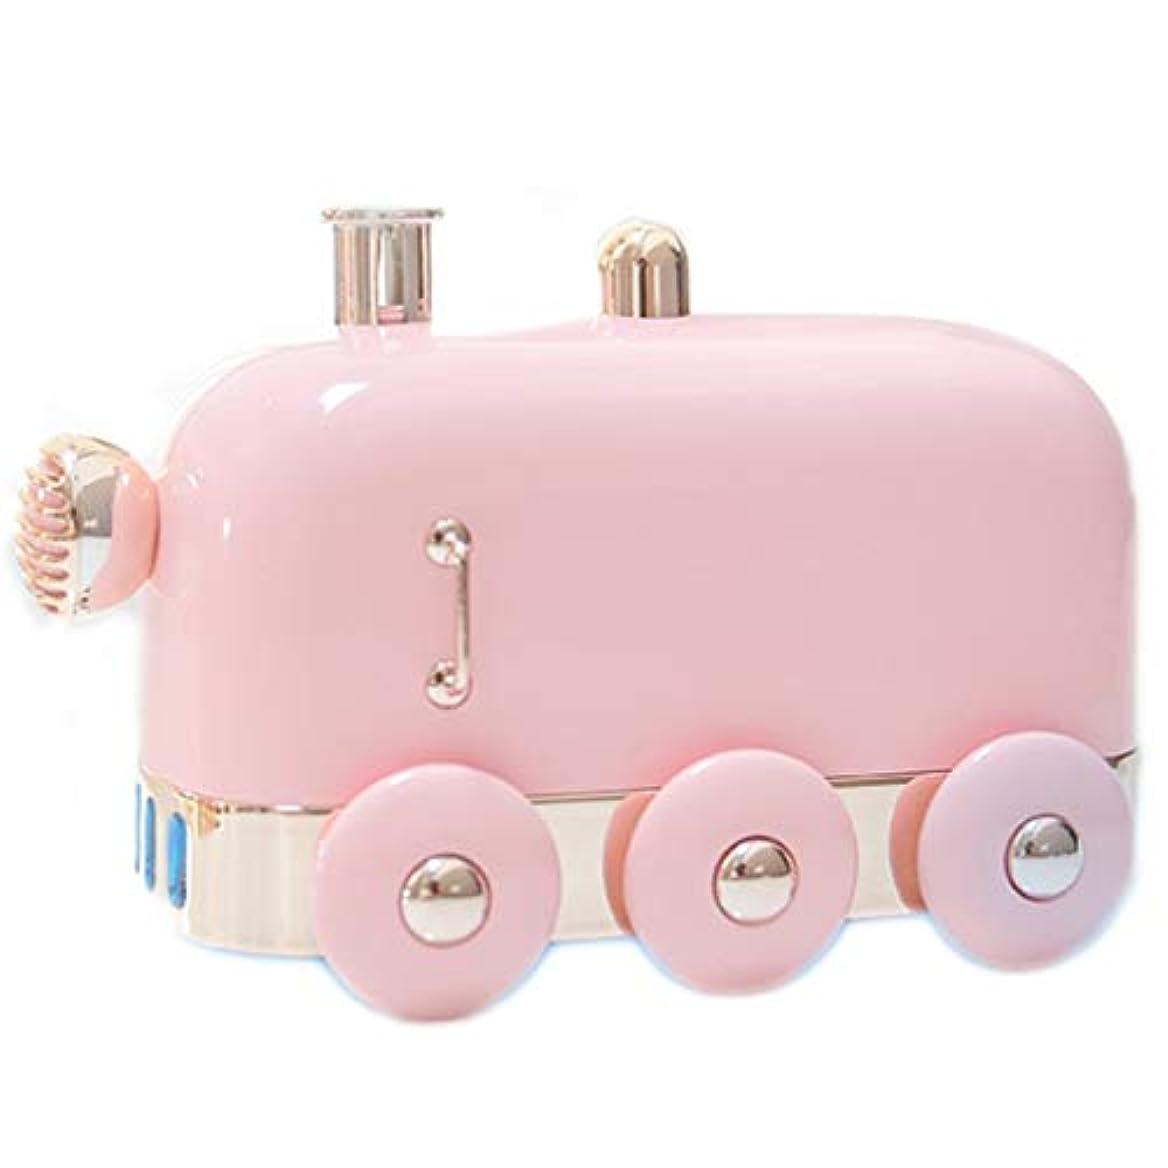 アロマセラピーエッセンシャルオイルディフューザー、アロマディフューザークールミスト加湿器ウォーターレスオートシャットオフホームオフィス用ヨガ (Color : Pink)